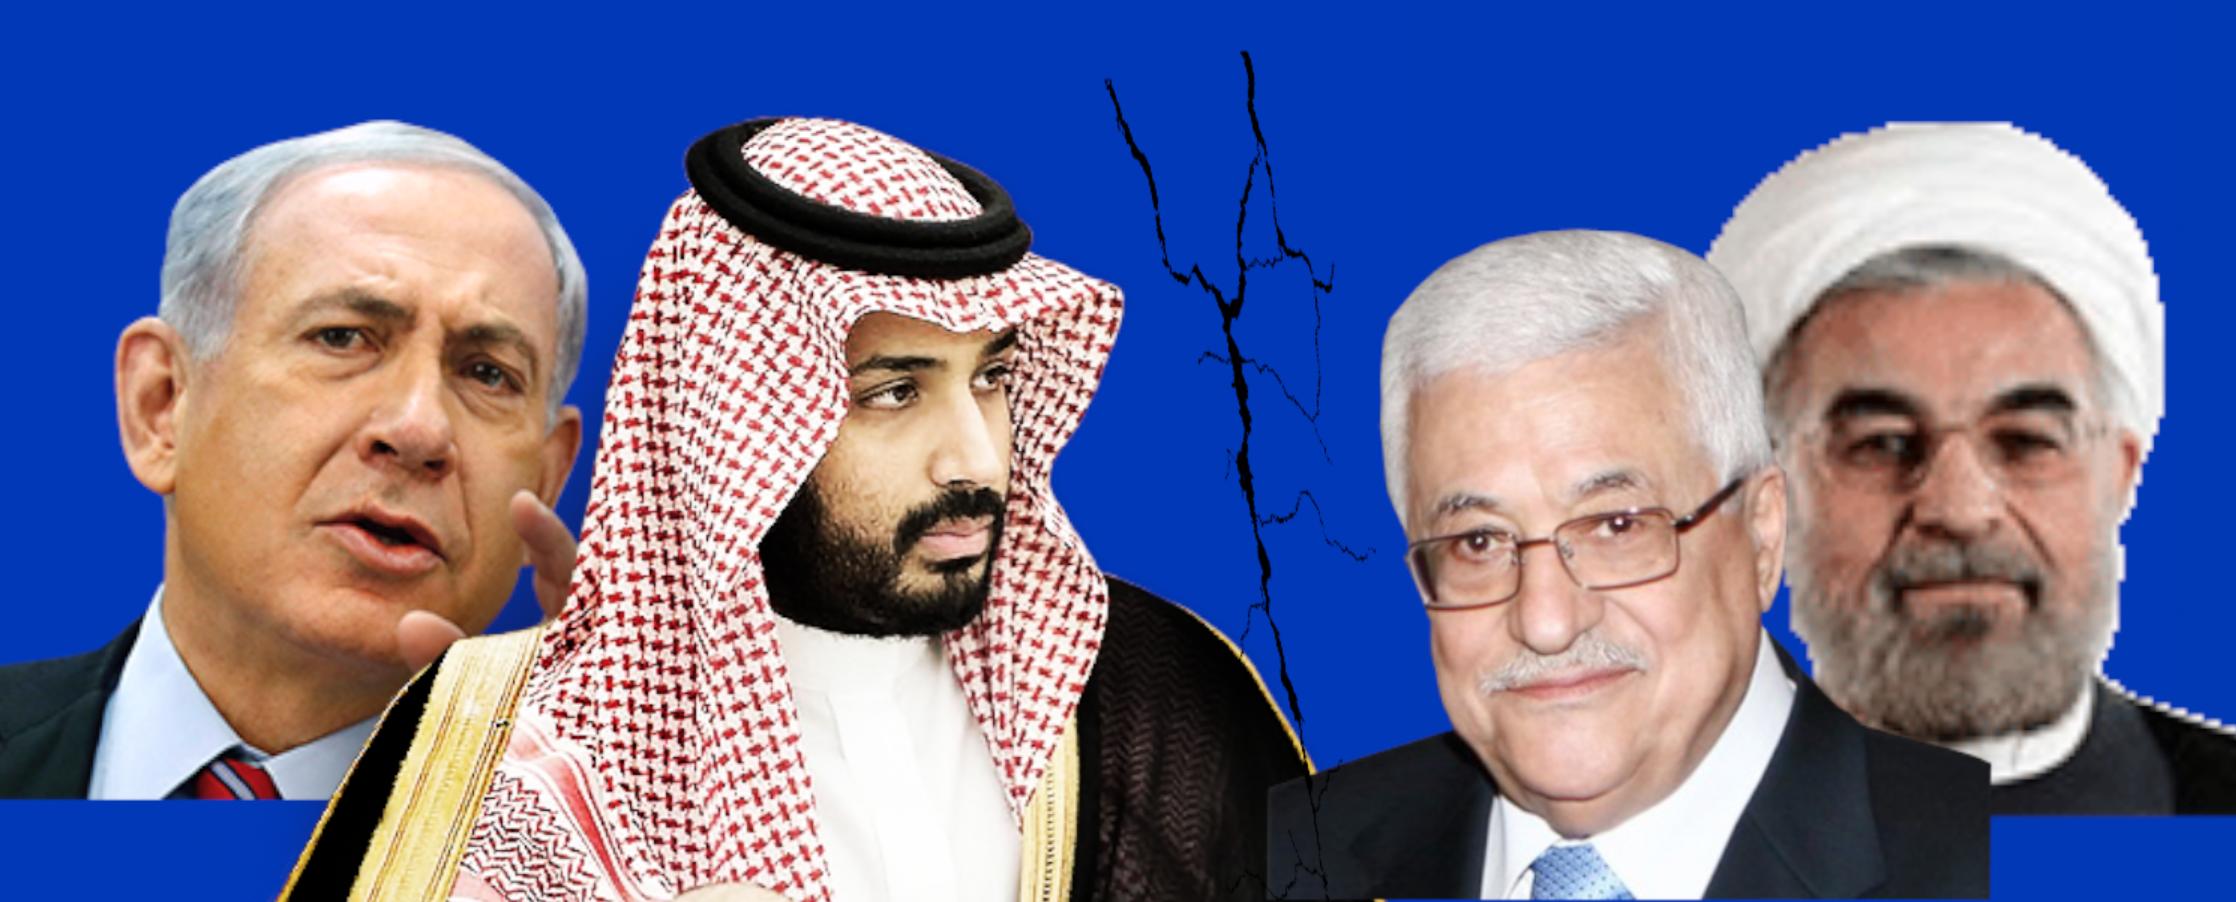 KSA: Make Peace Or Shut Up